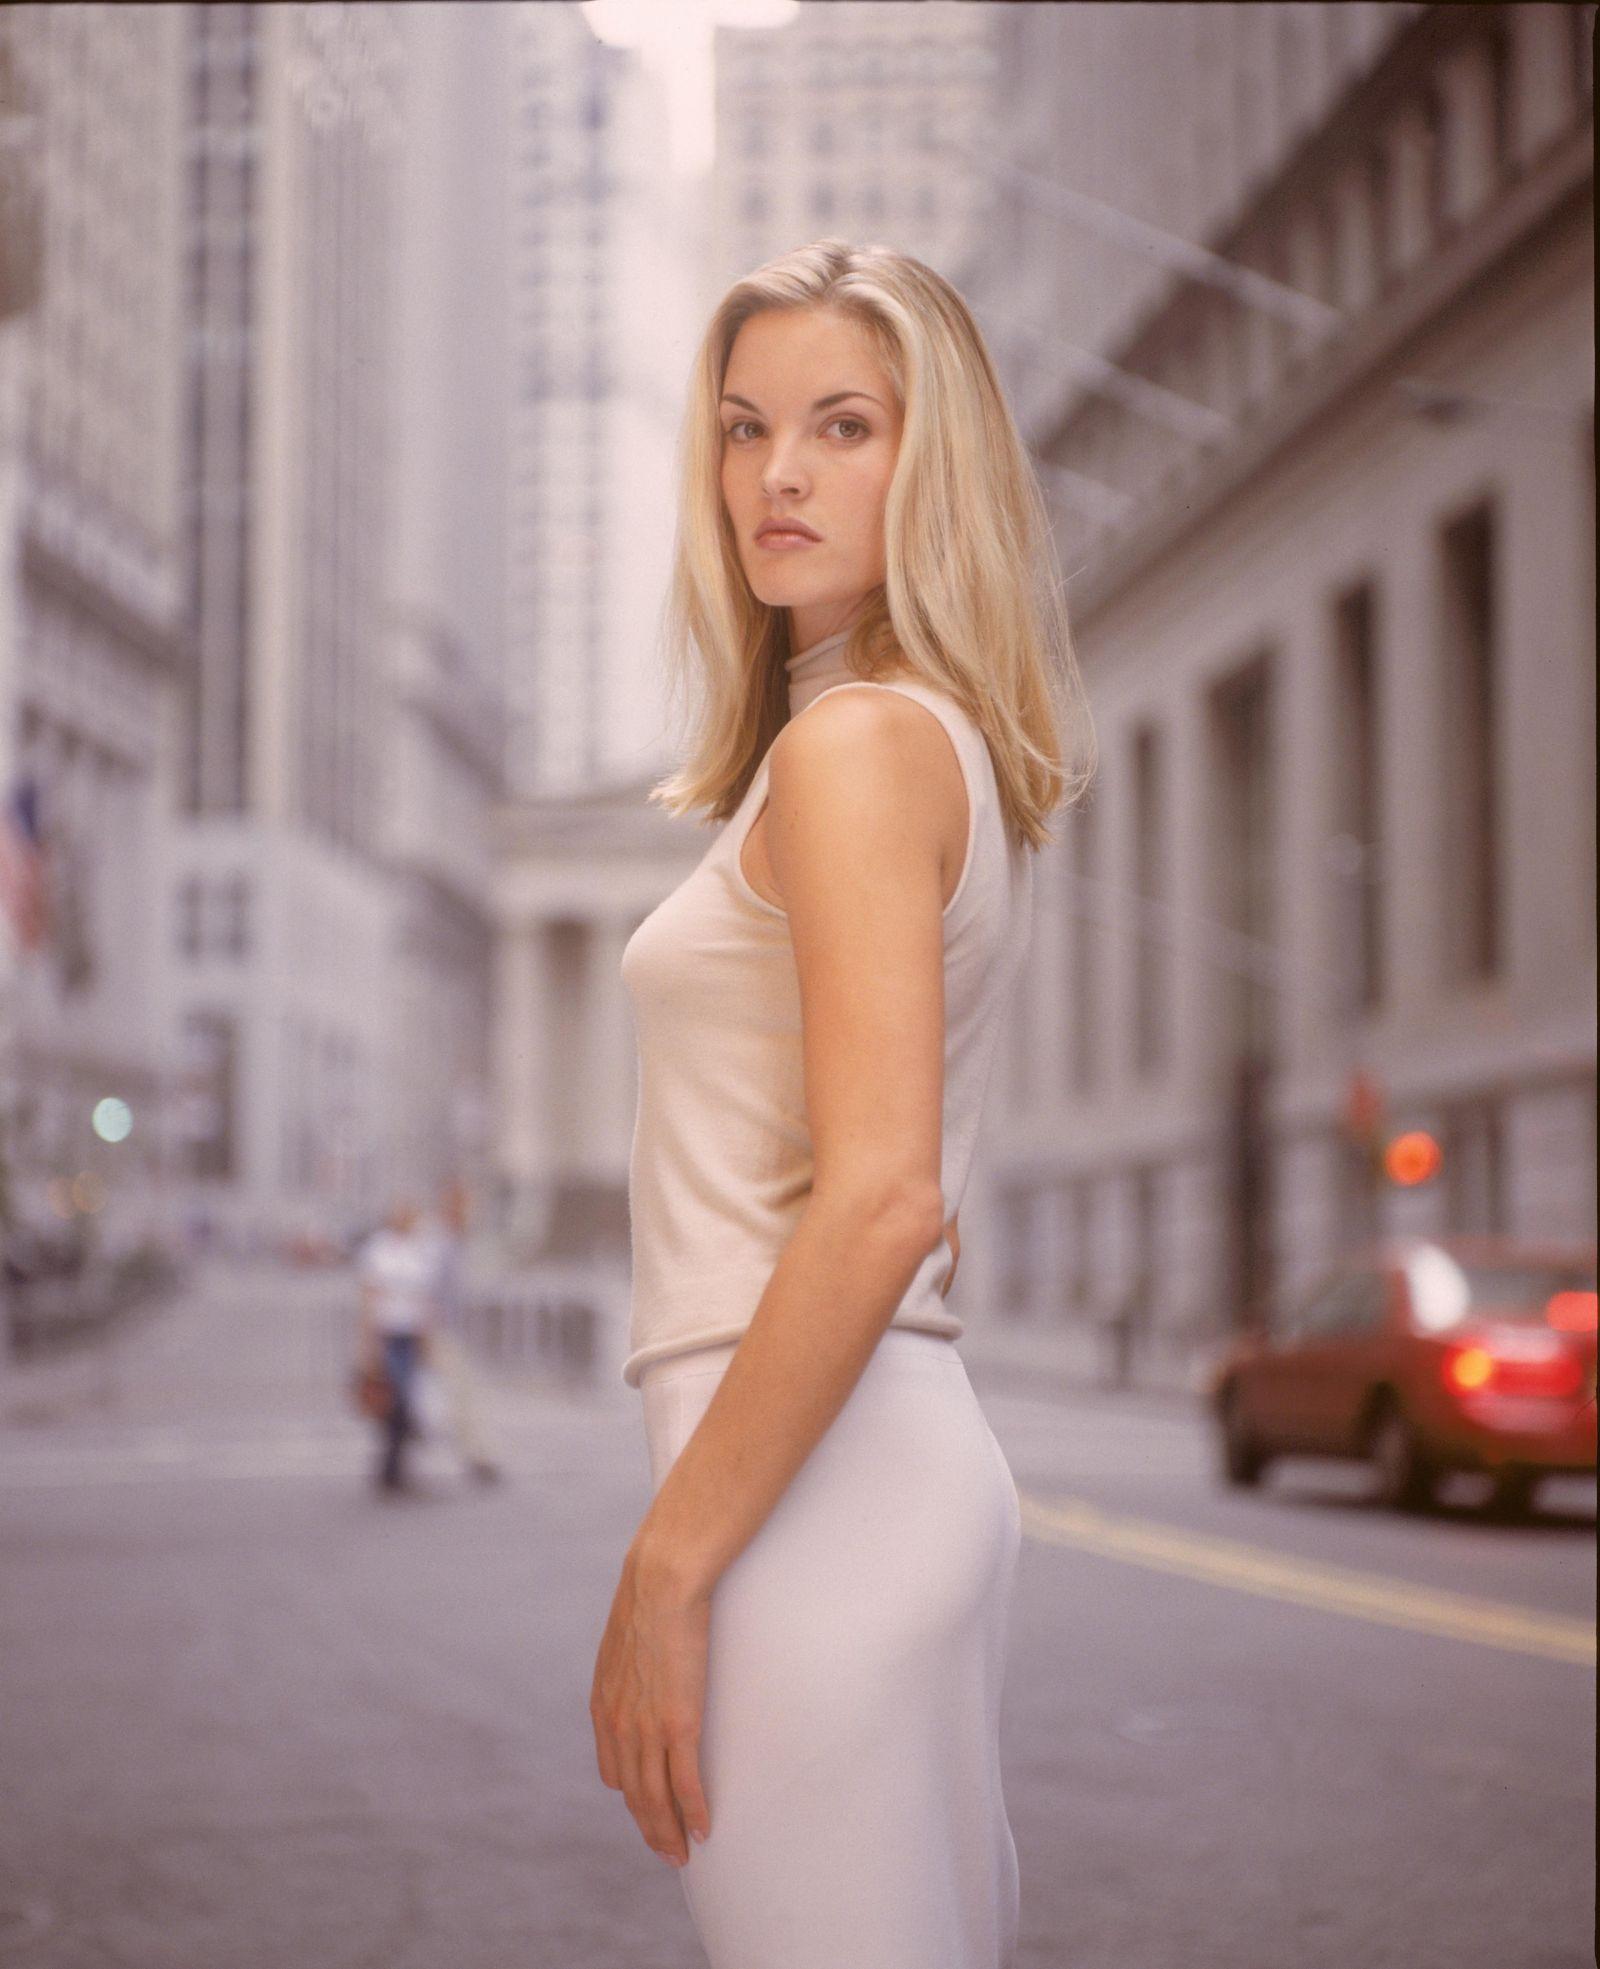 Streetblowjobs Lorna